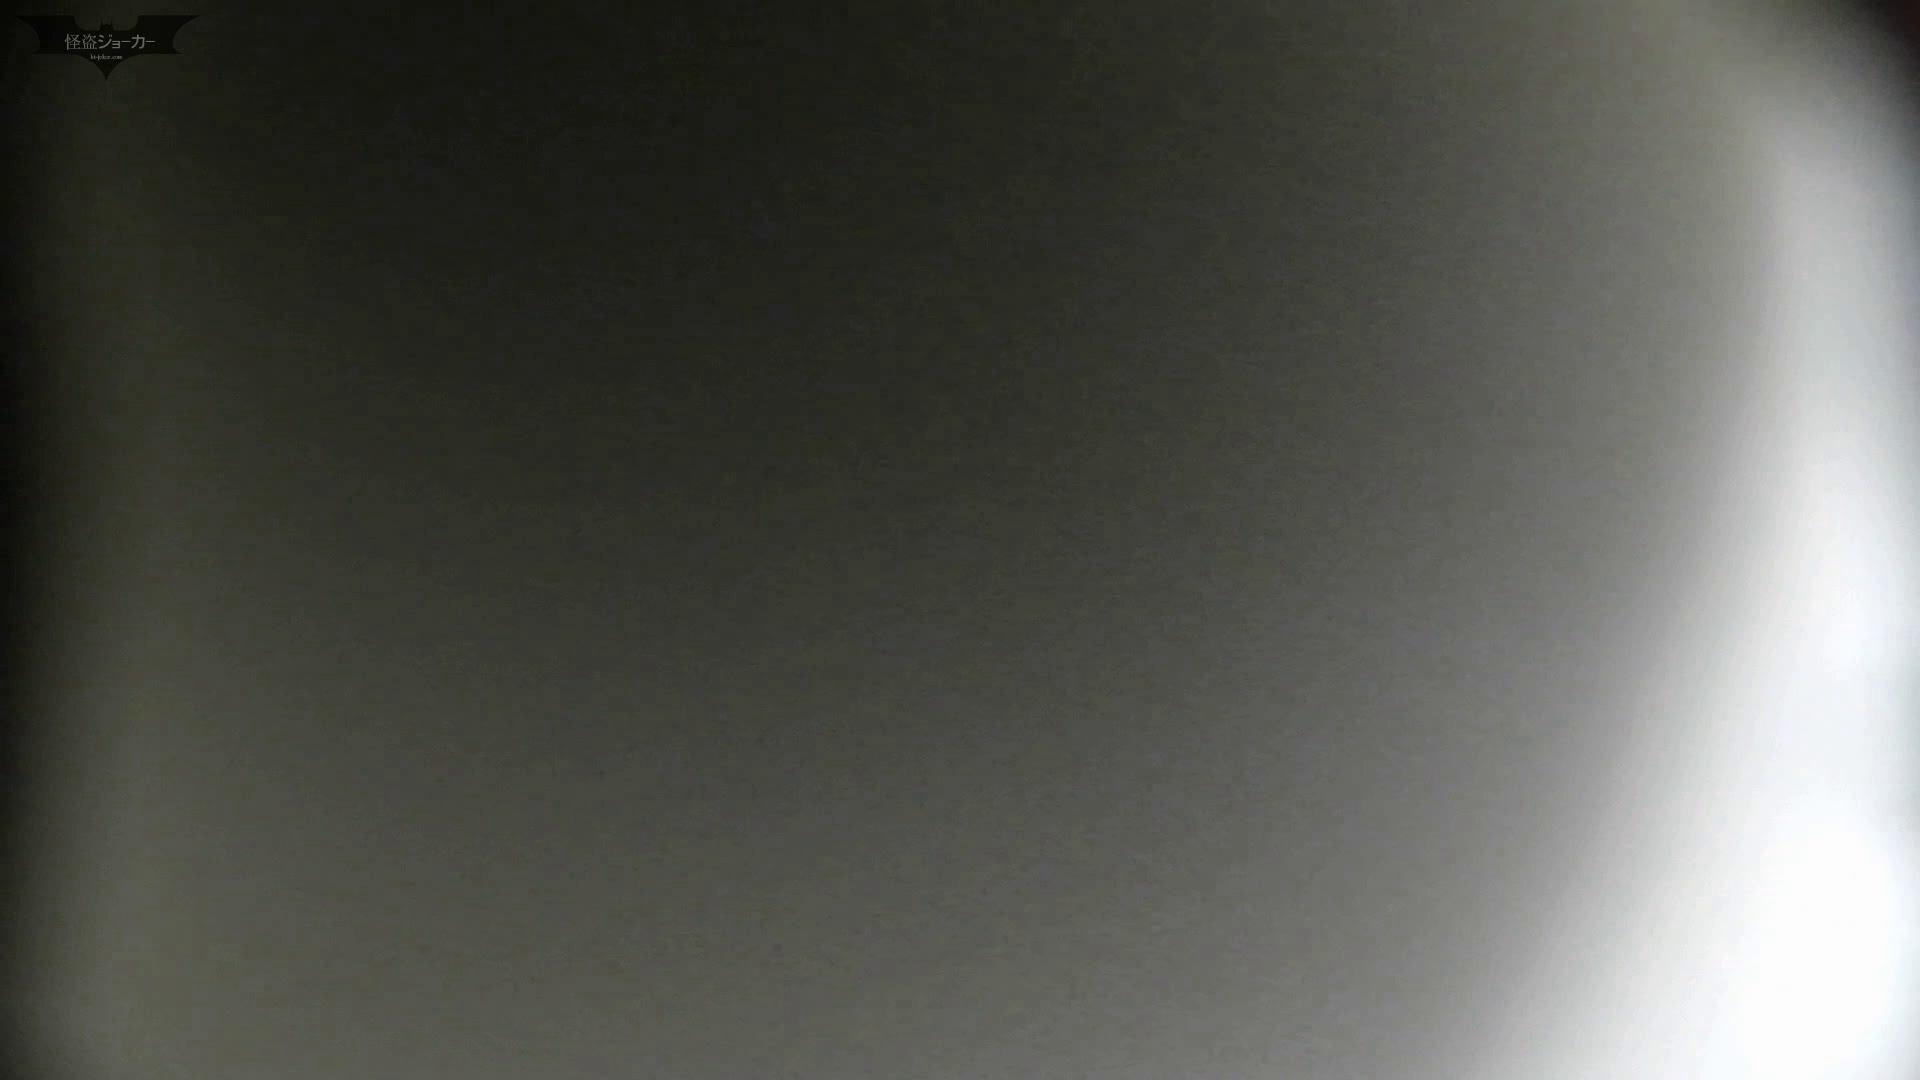 洗面所特攻隊 vol.66 珍事件発生!! 「指」で出【2015・05位】 ギャル達 スケベ動画紹介 80枚 62